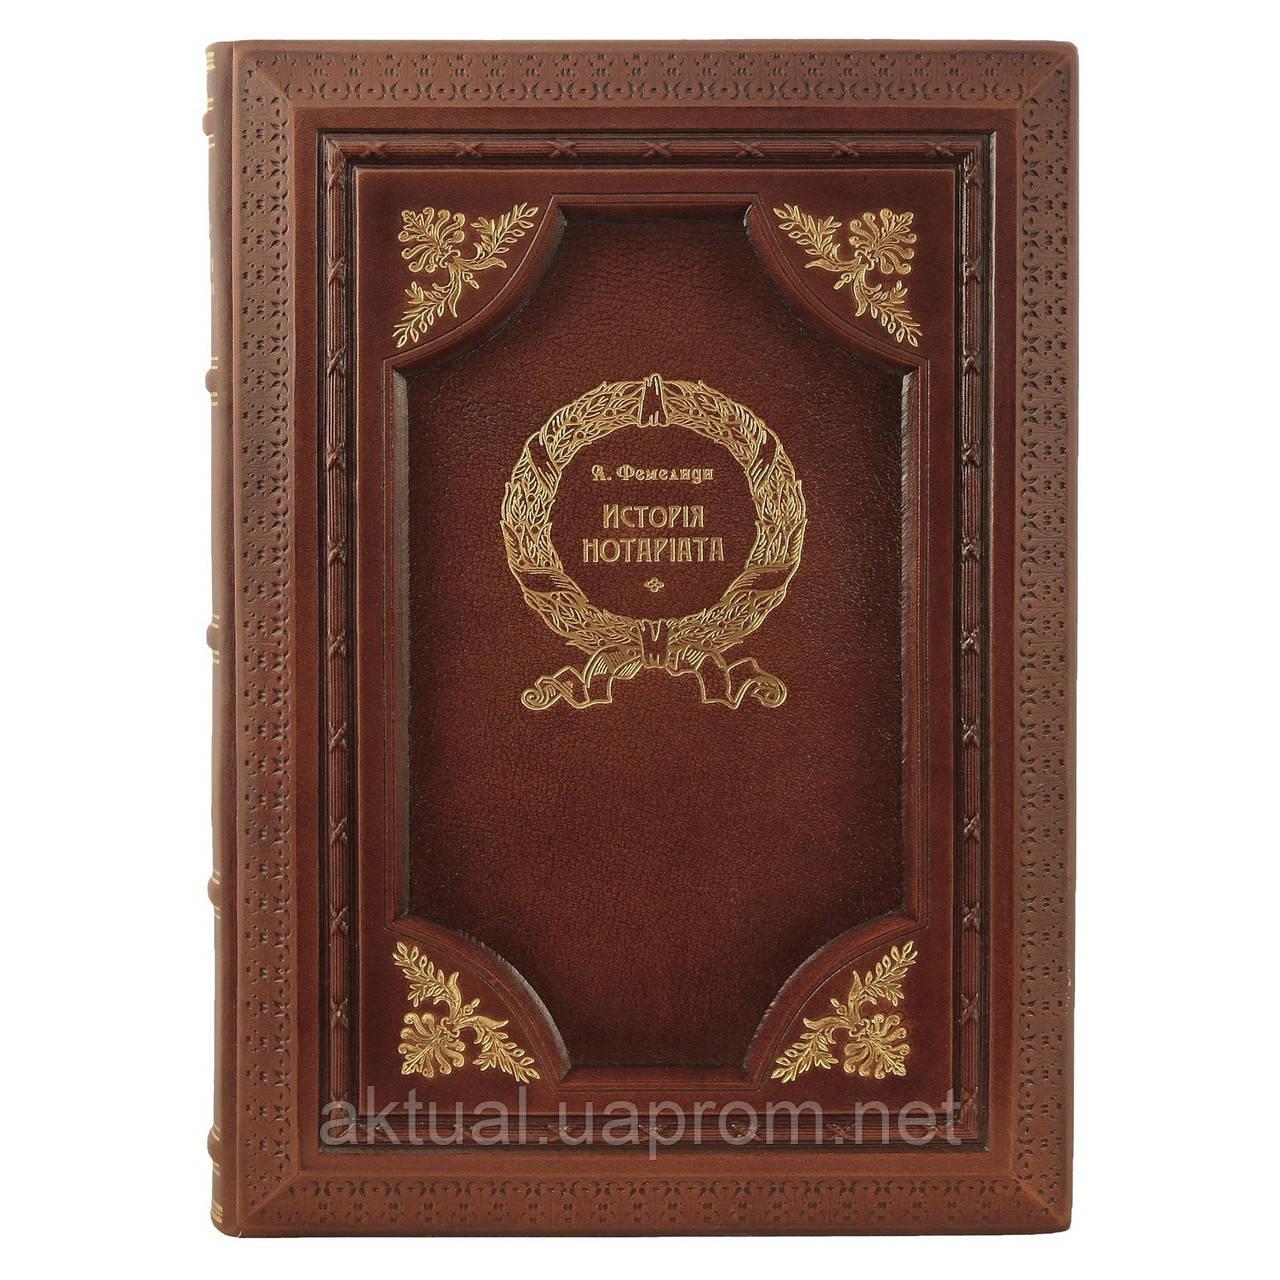 Книга История Нотариата. Автор — Фемелиди А. М.